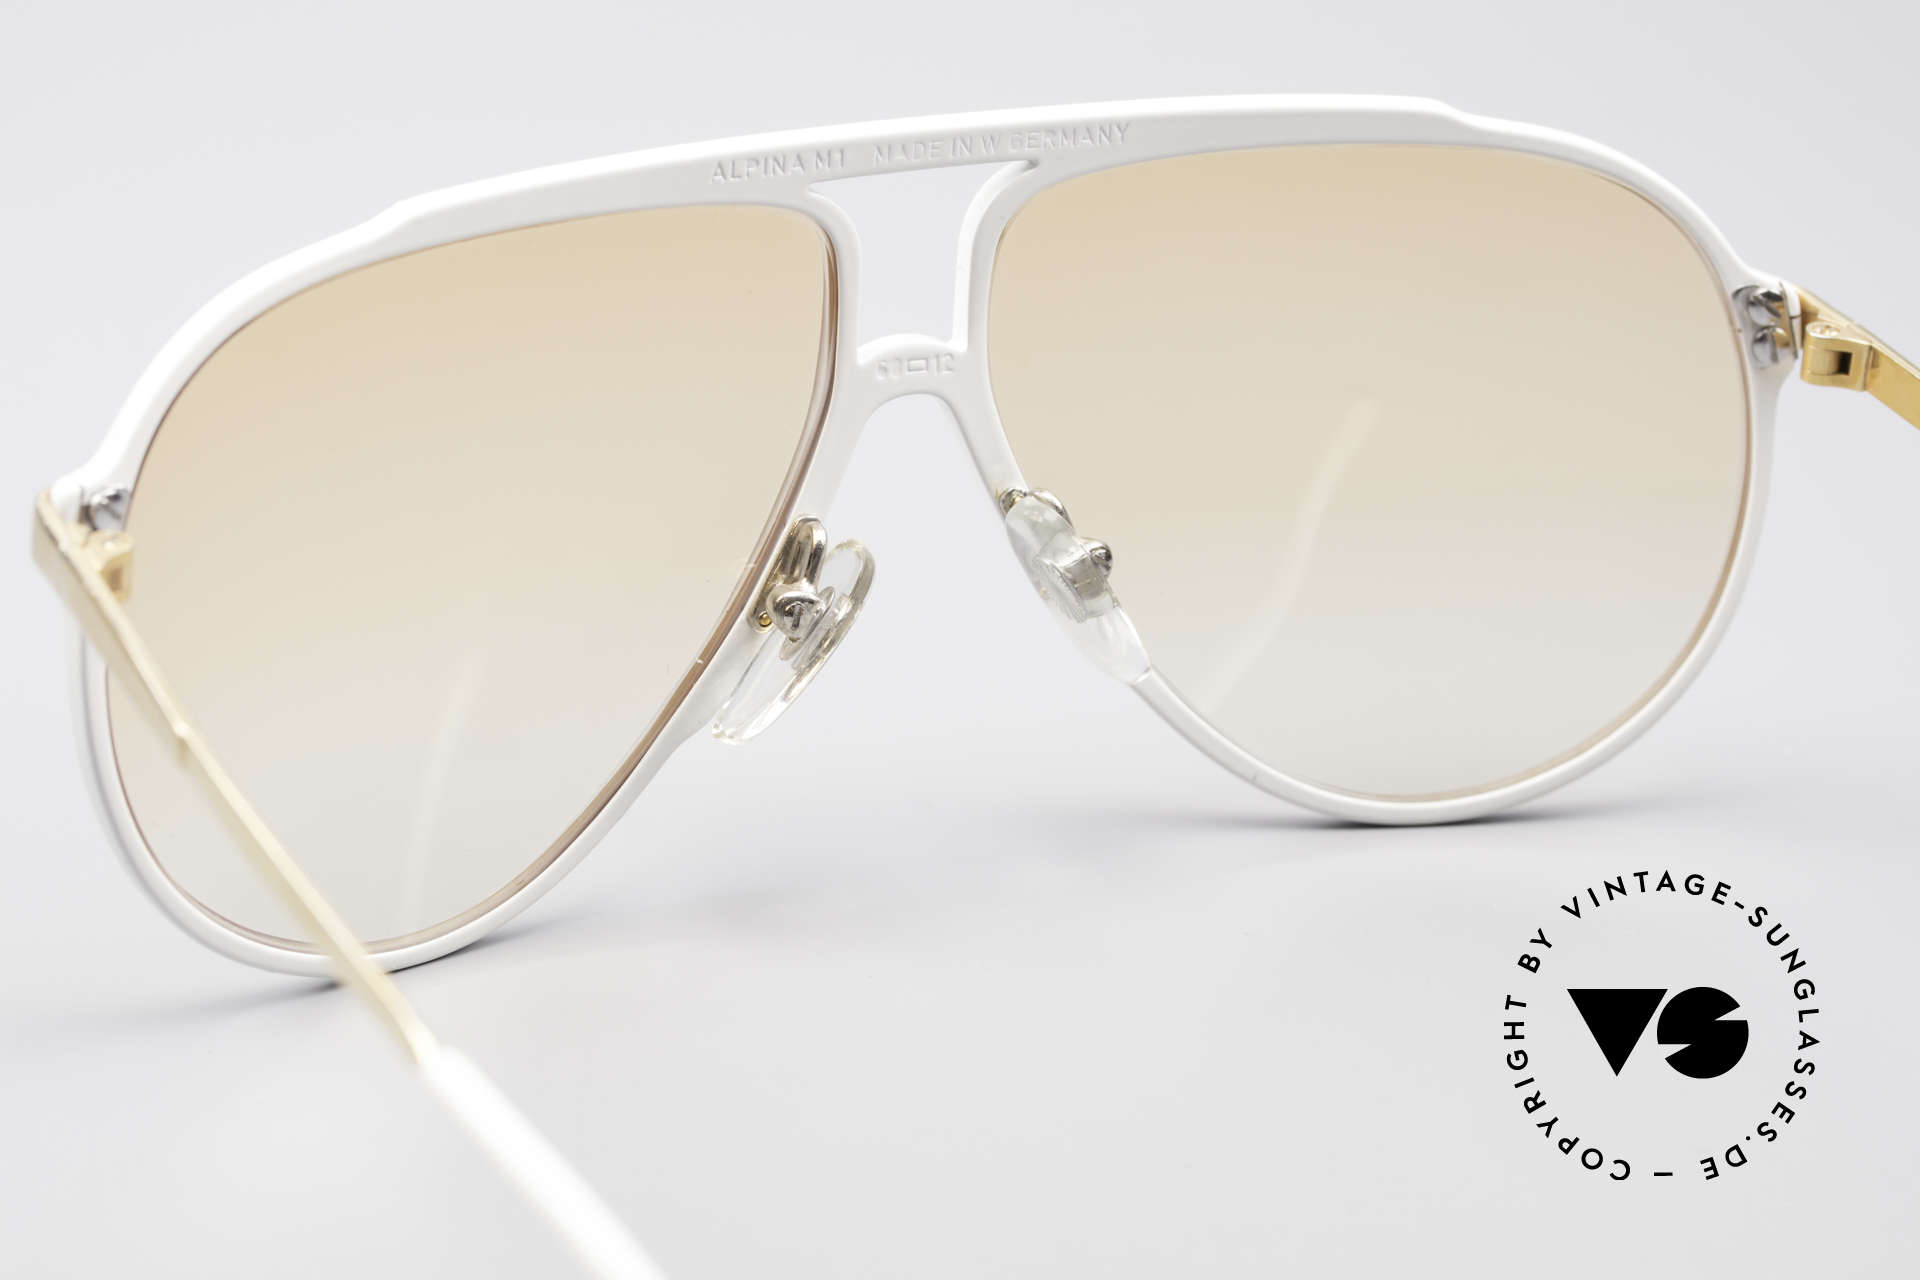 Alpina M1 80er Jahre Kultsonnenbrille, 2nd hand in neuwertigem Zustand + Versace Etui, Passend für Herren und Damen